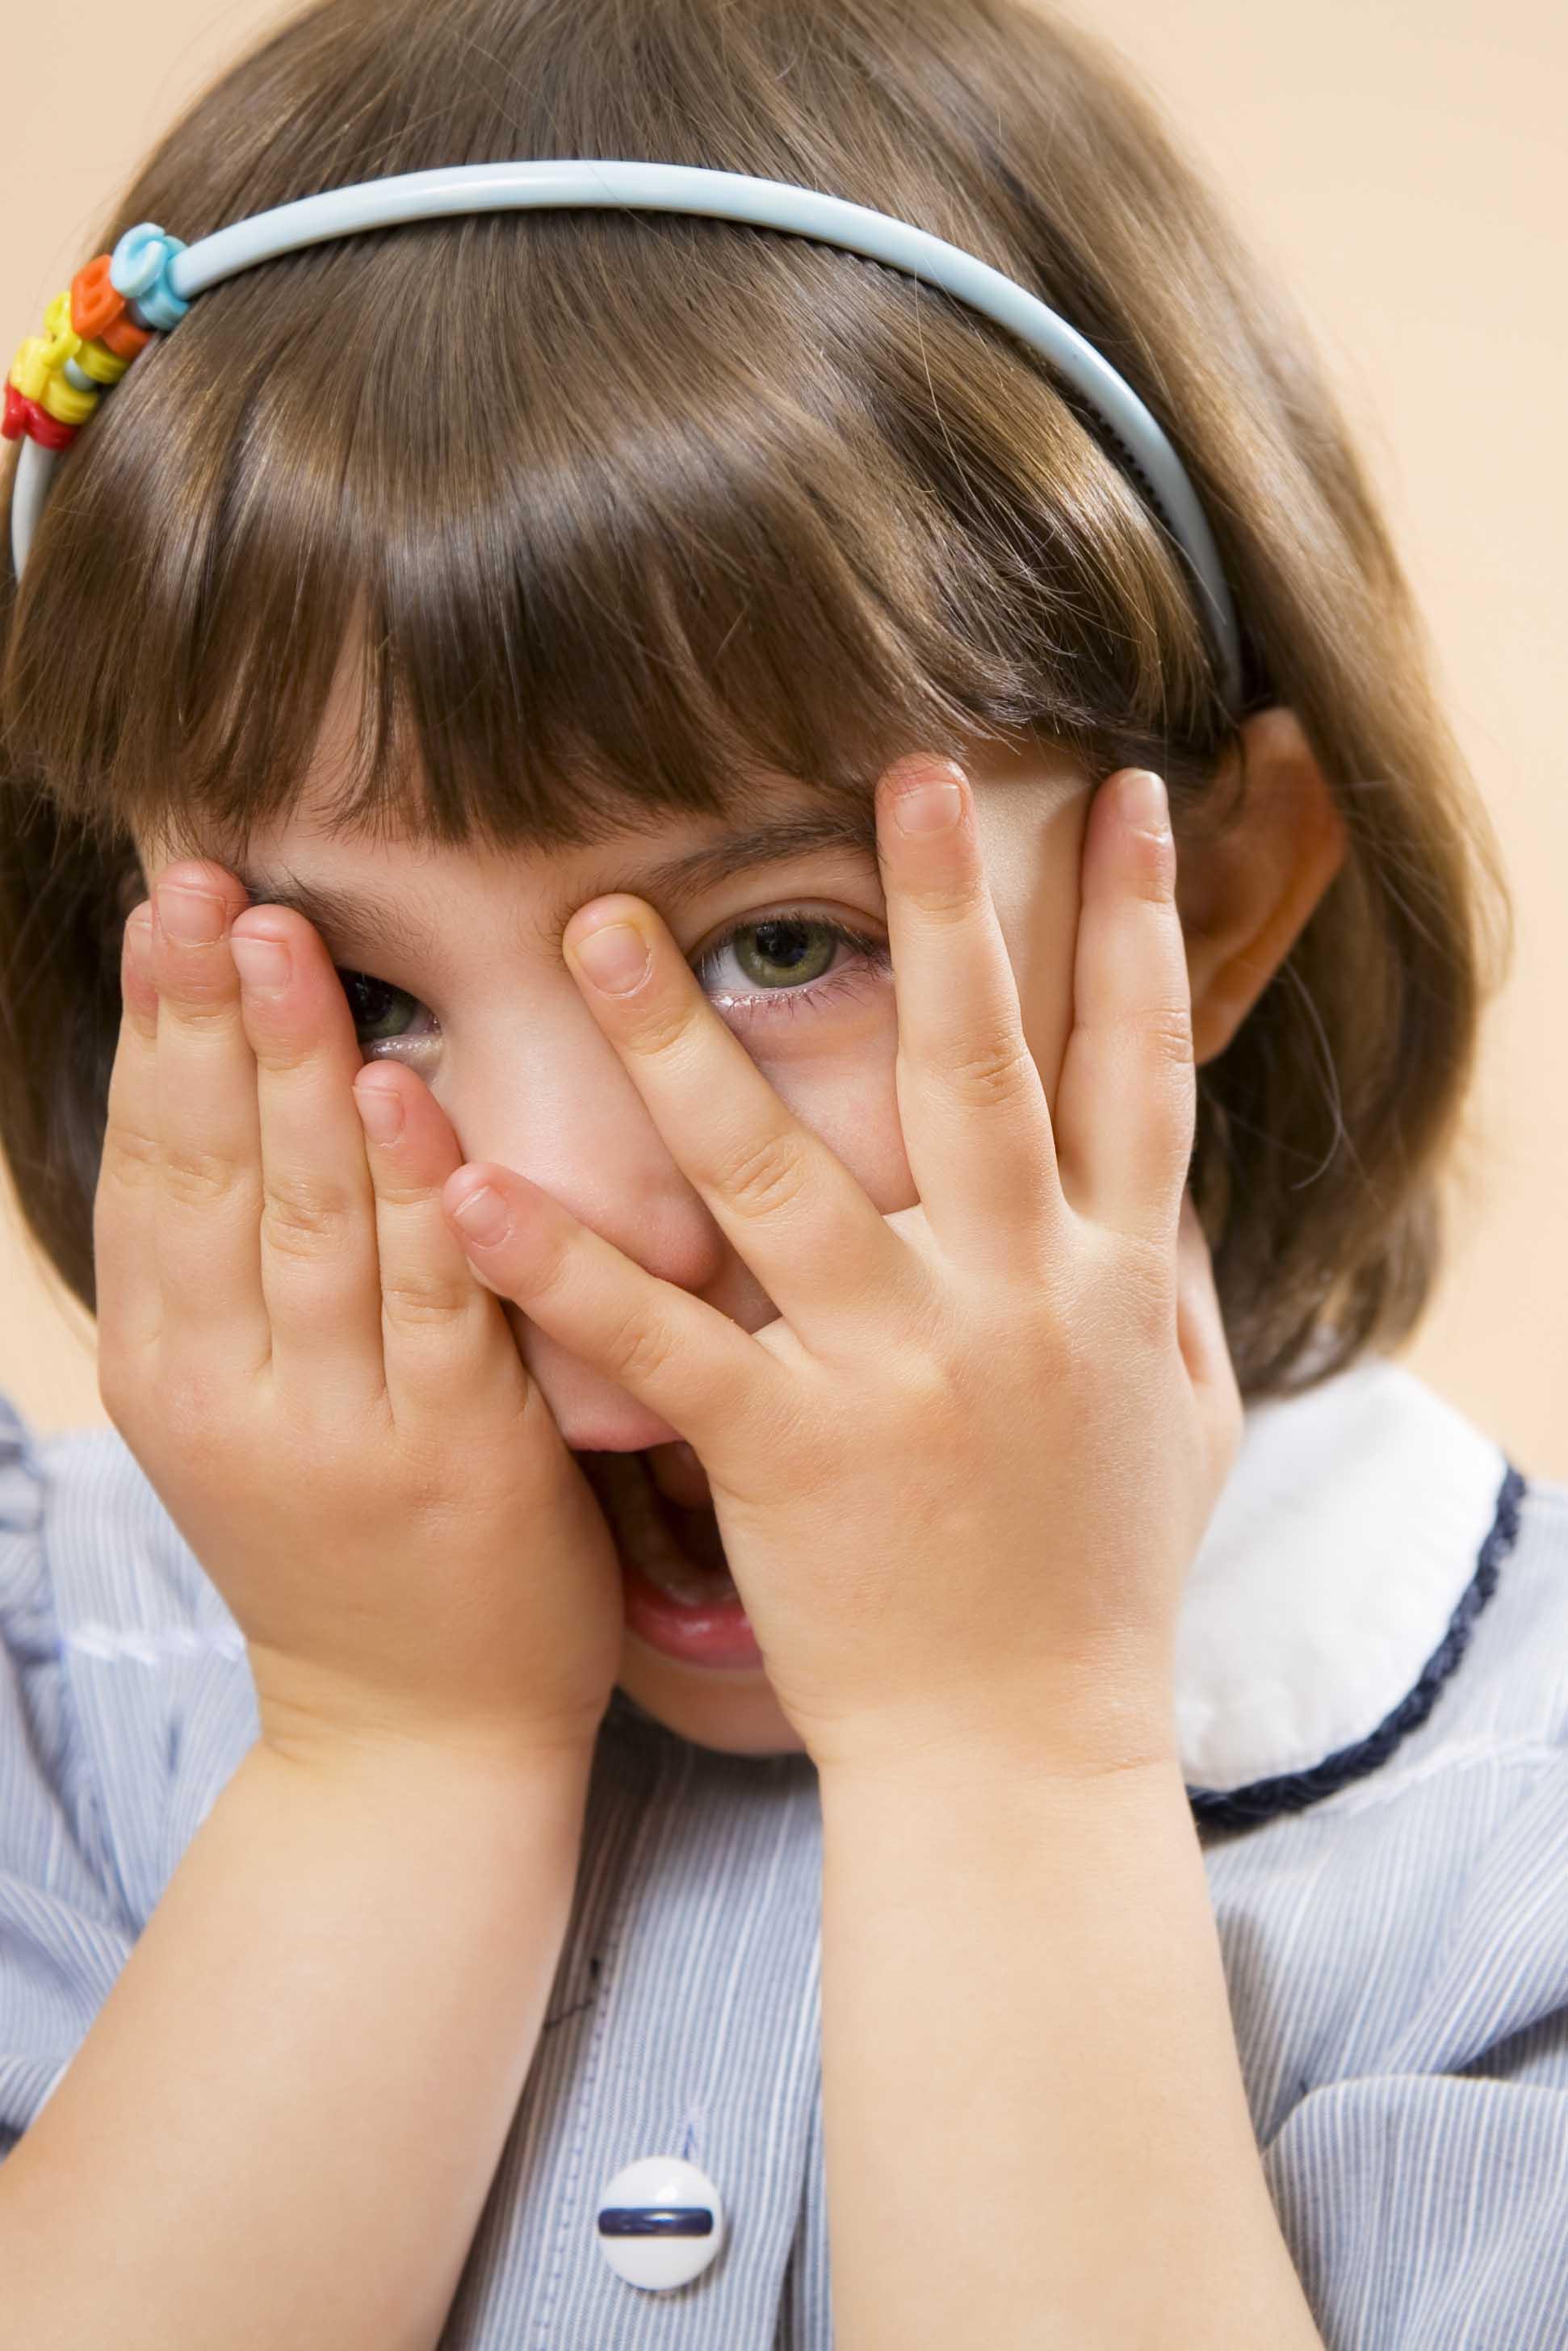 弱视是视力异常 矫正弱视的几种方法